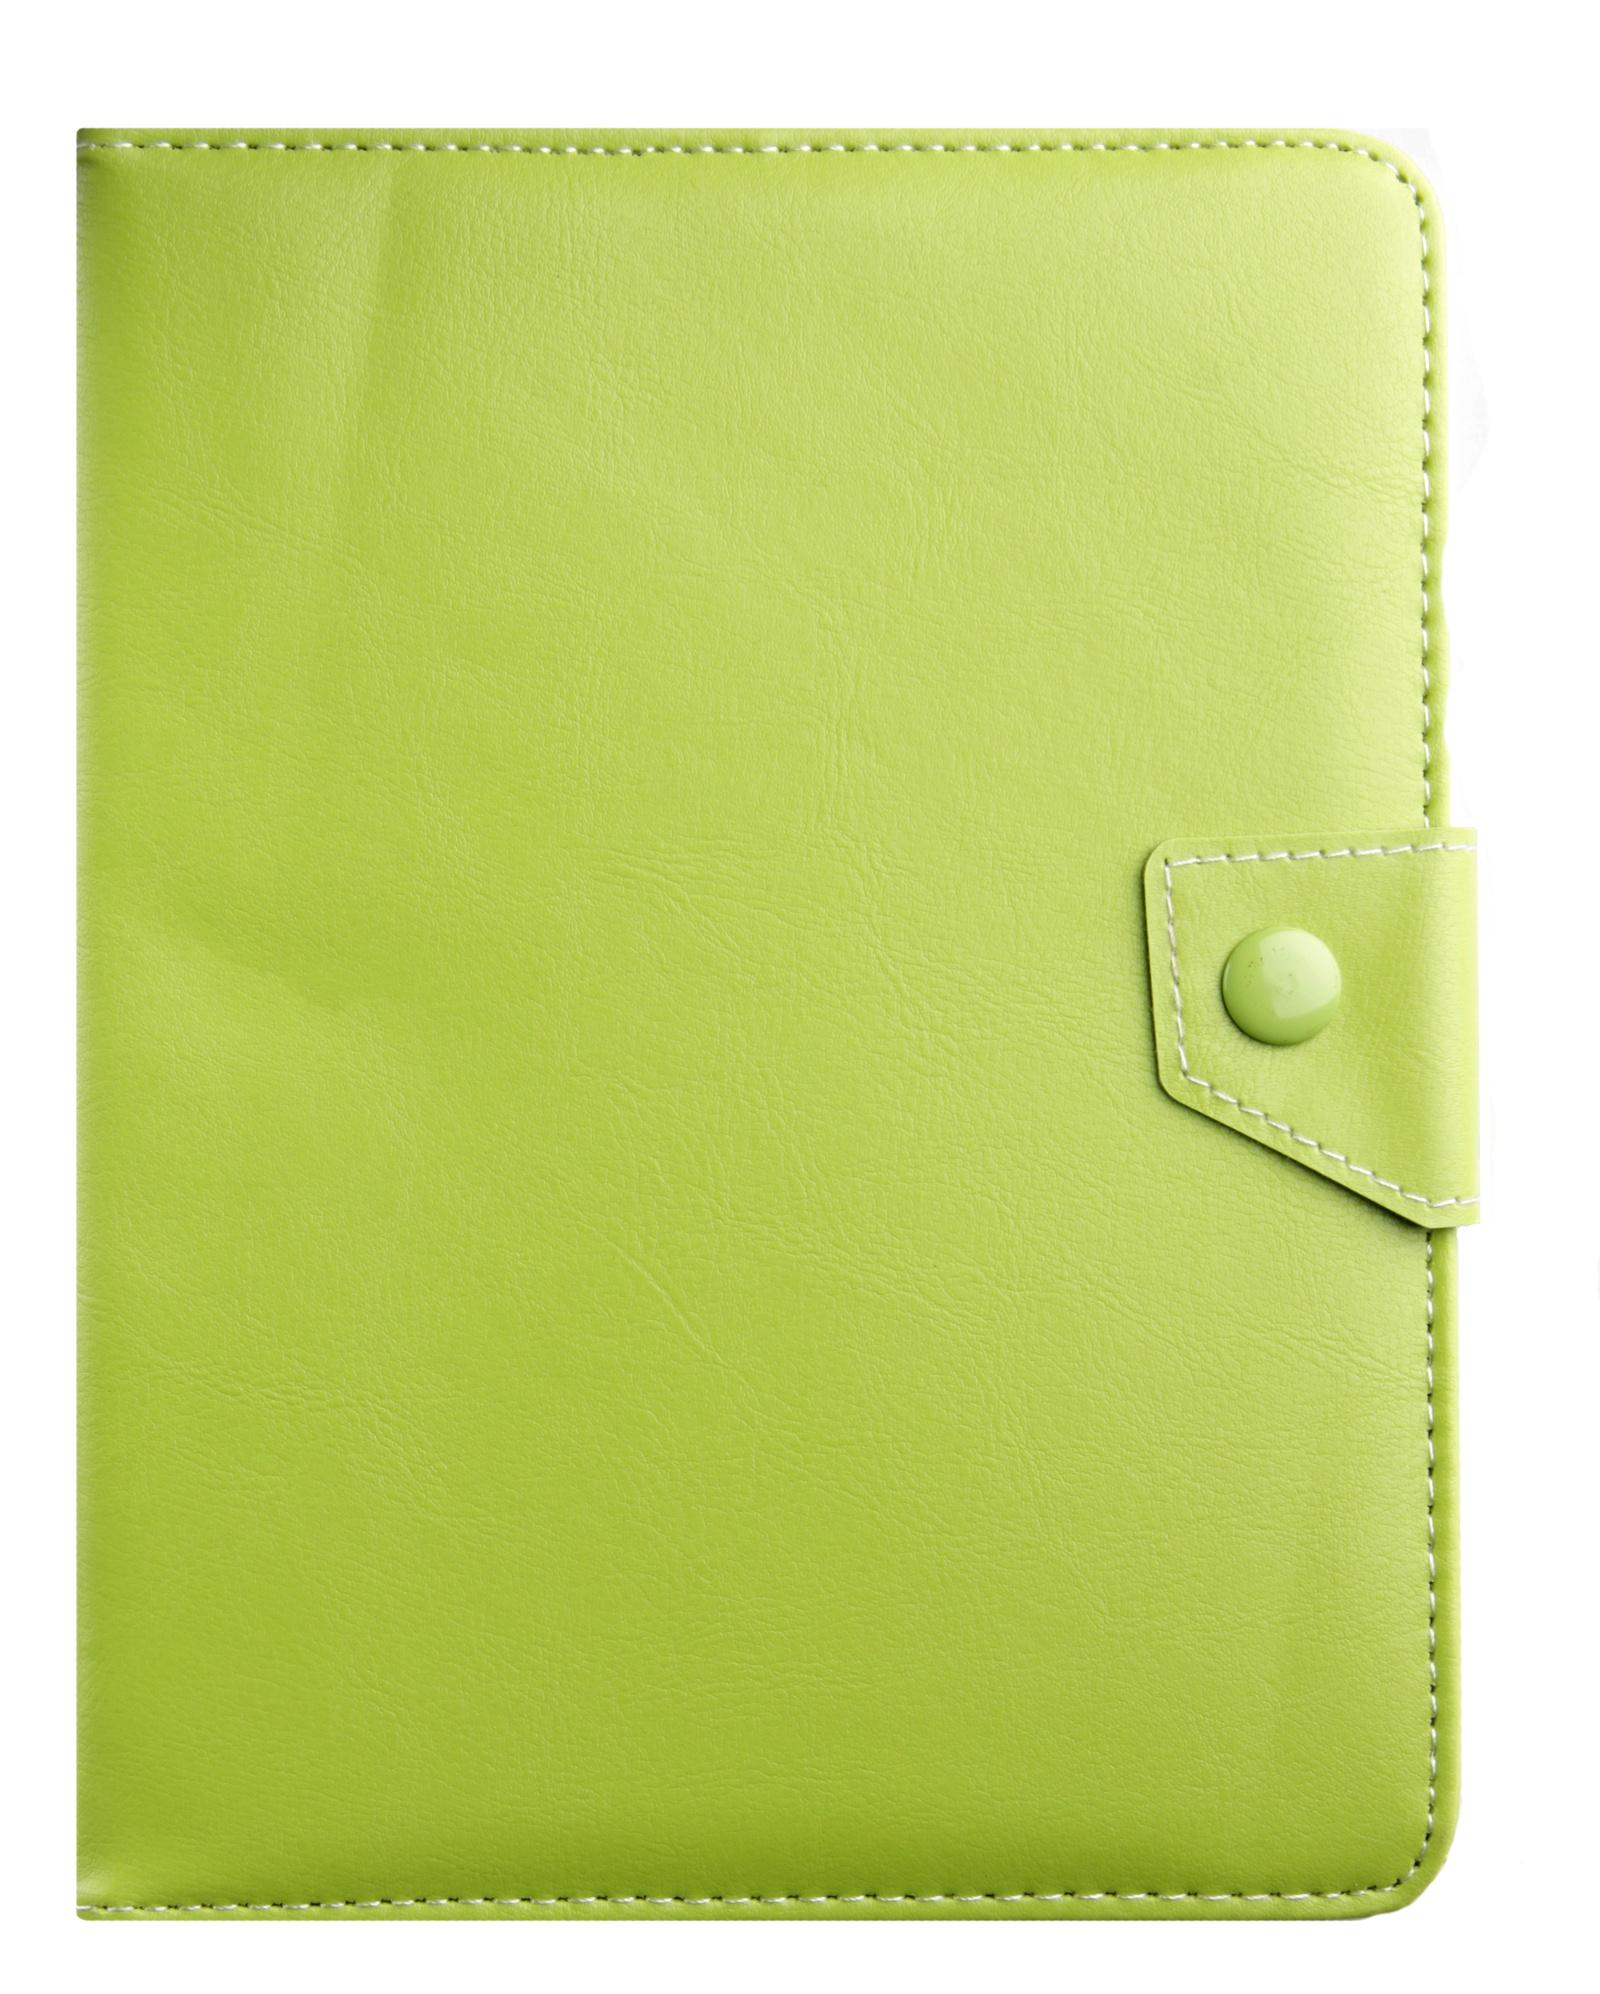 Чехол для планшета ProShield Standard clips8, 4630042529748, зеленый чехол универсальный proshield standard clips8 2000000139876 золотистый